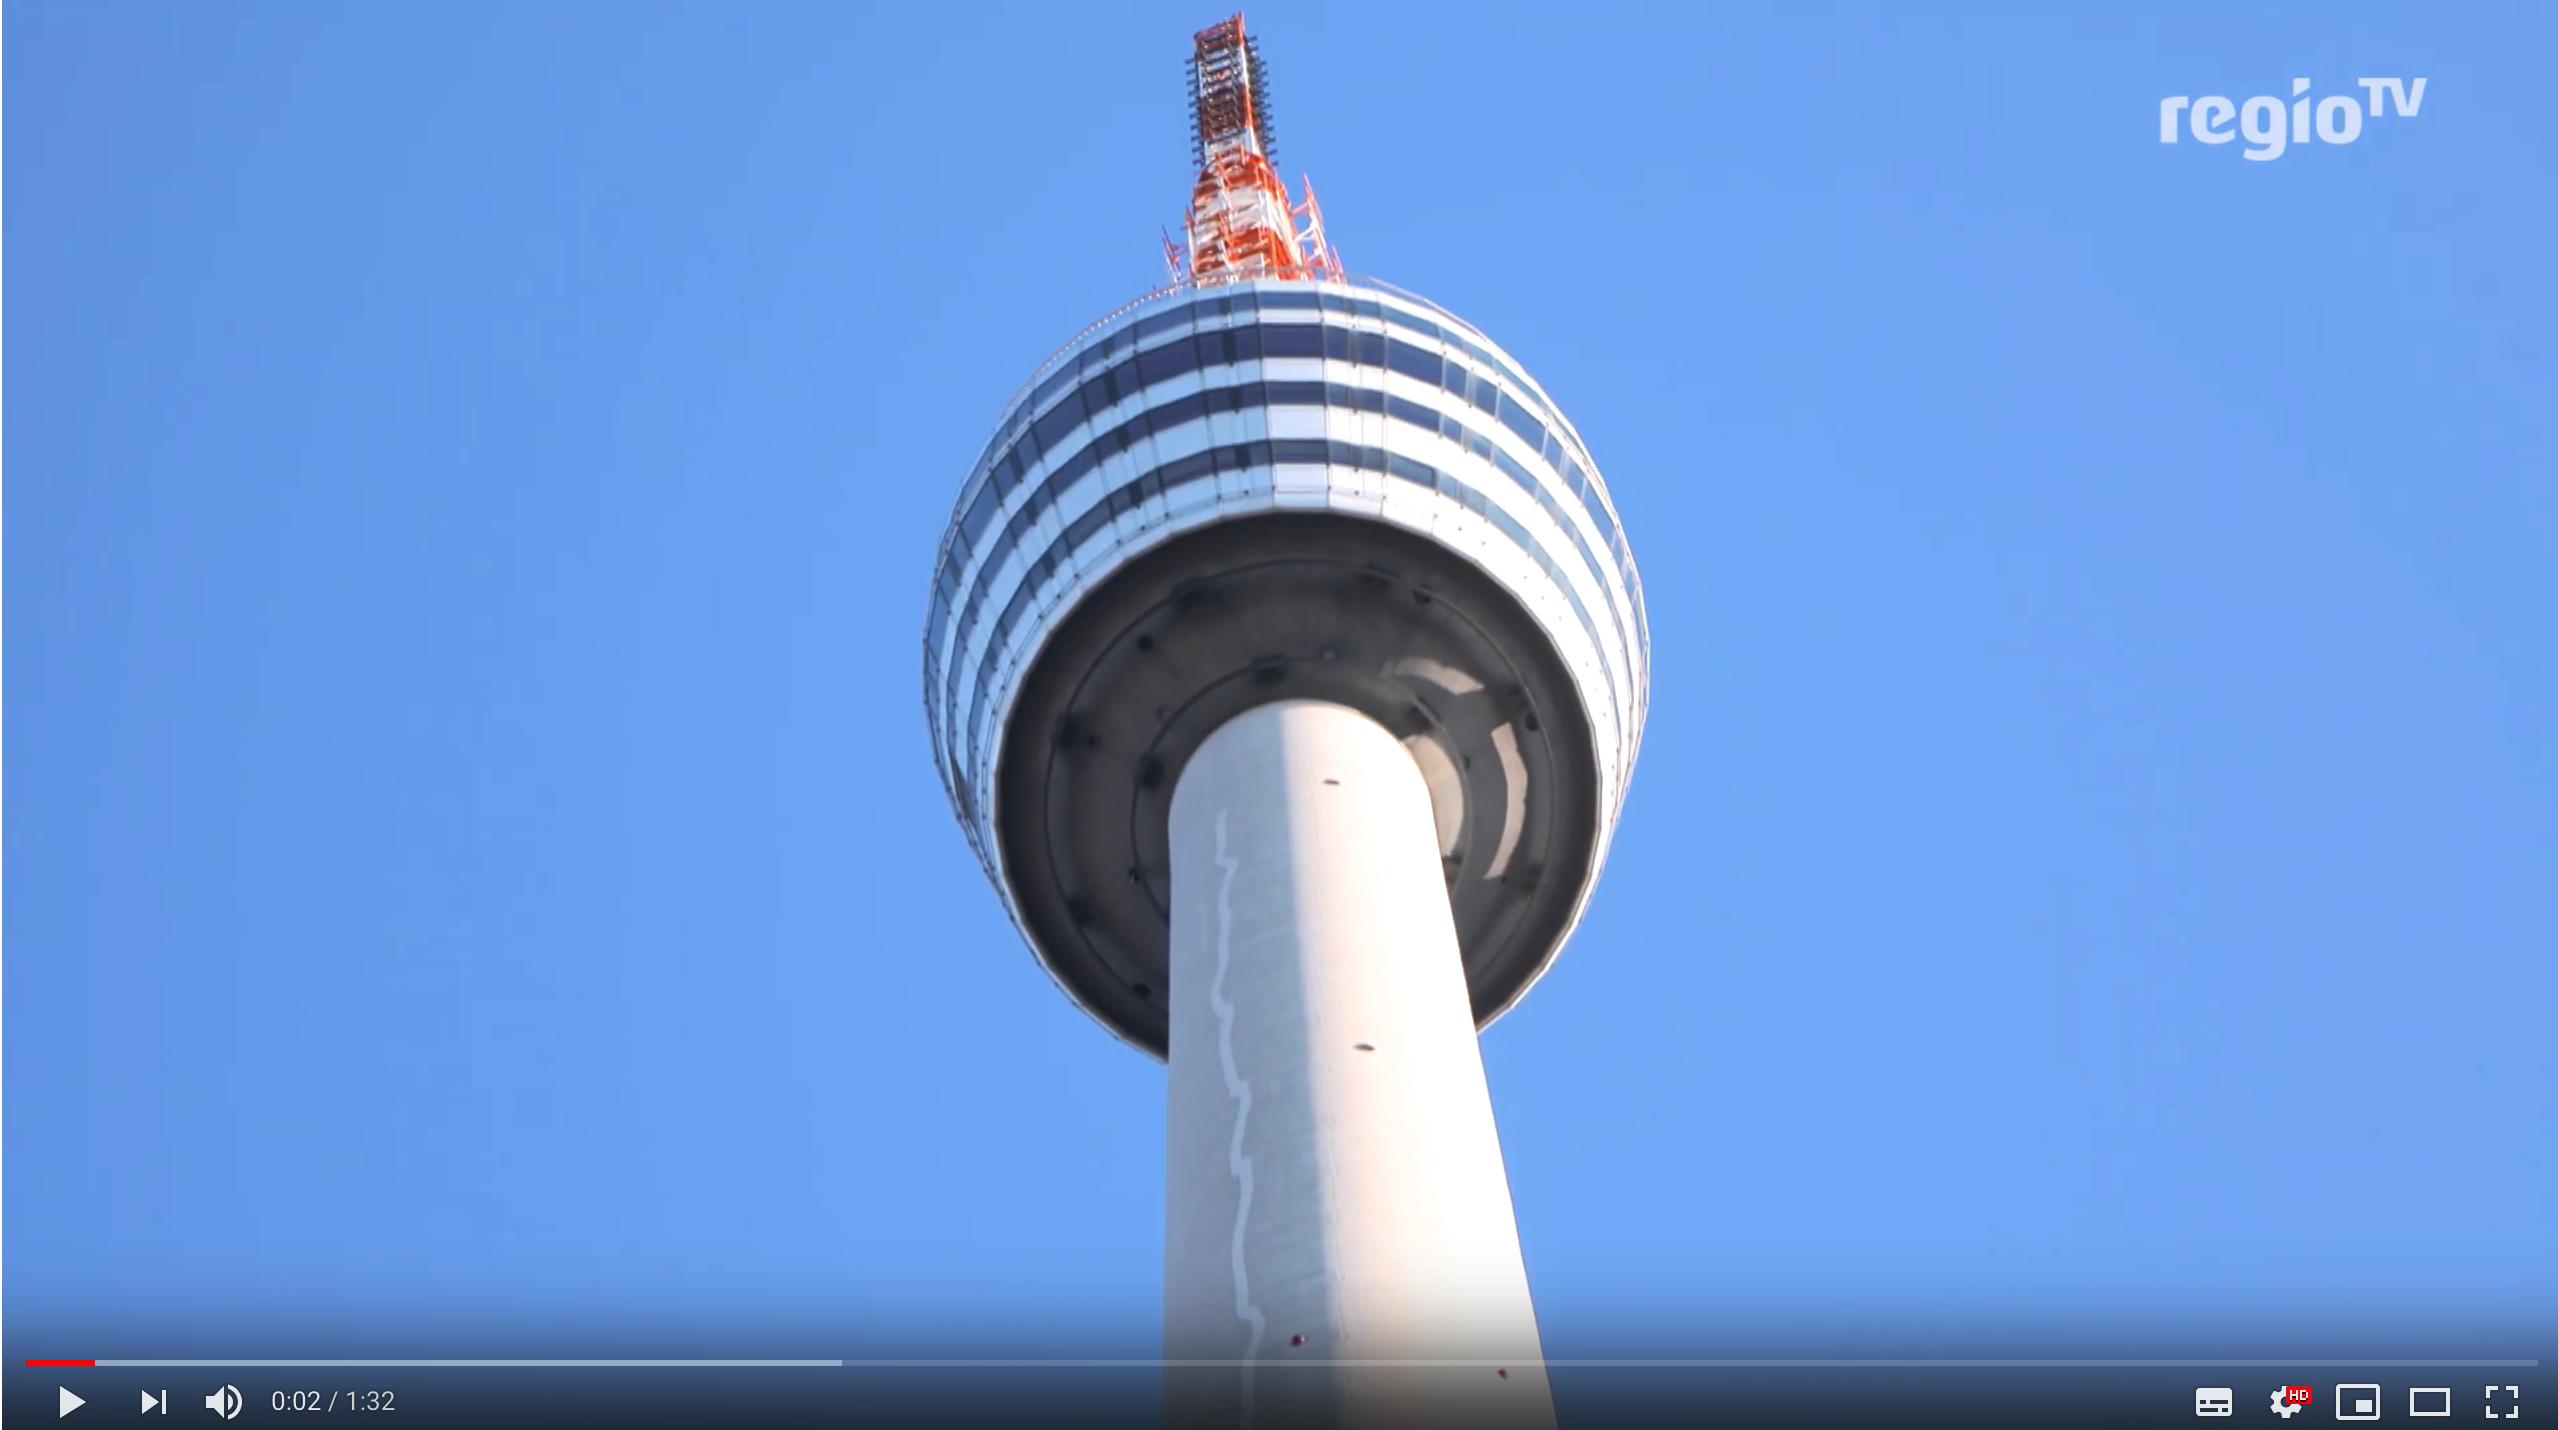 Stuttgarter Fernsehturm feiert seinen 63. Geburtstag